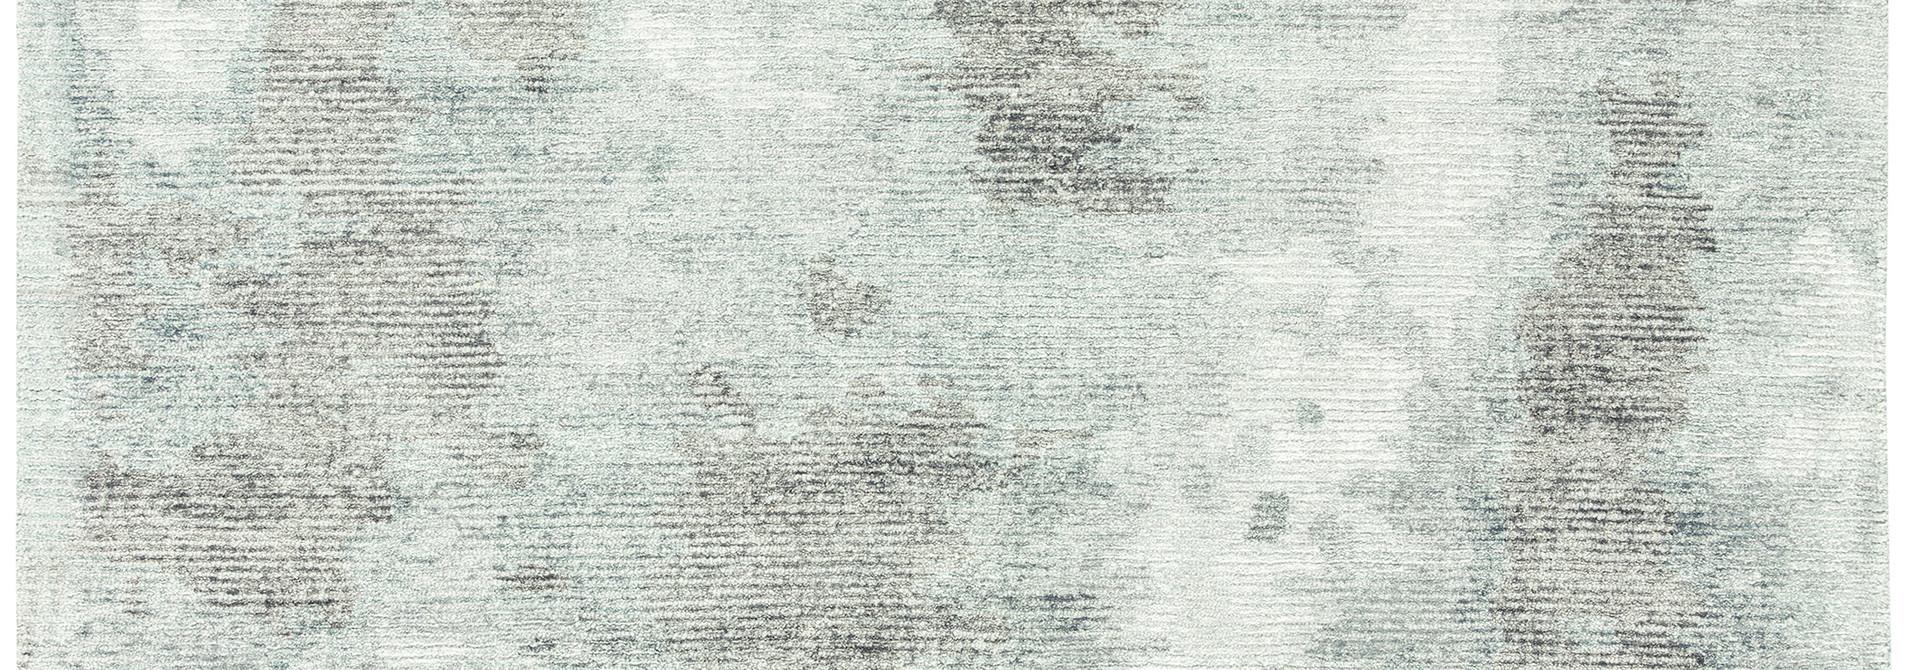 Vloerkleed Erode 600 170x240cm